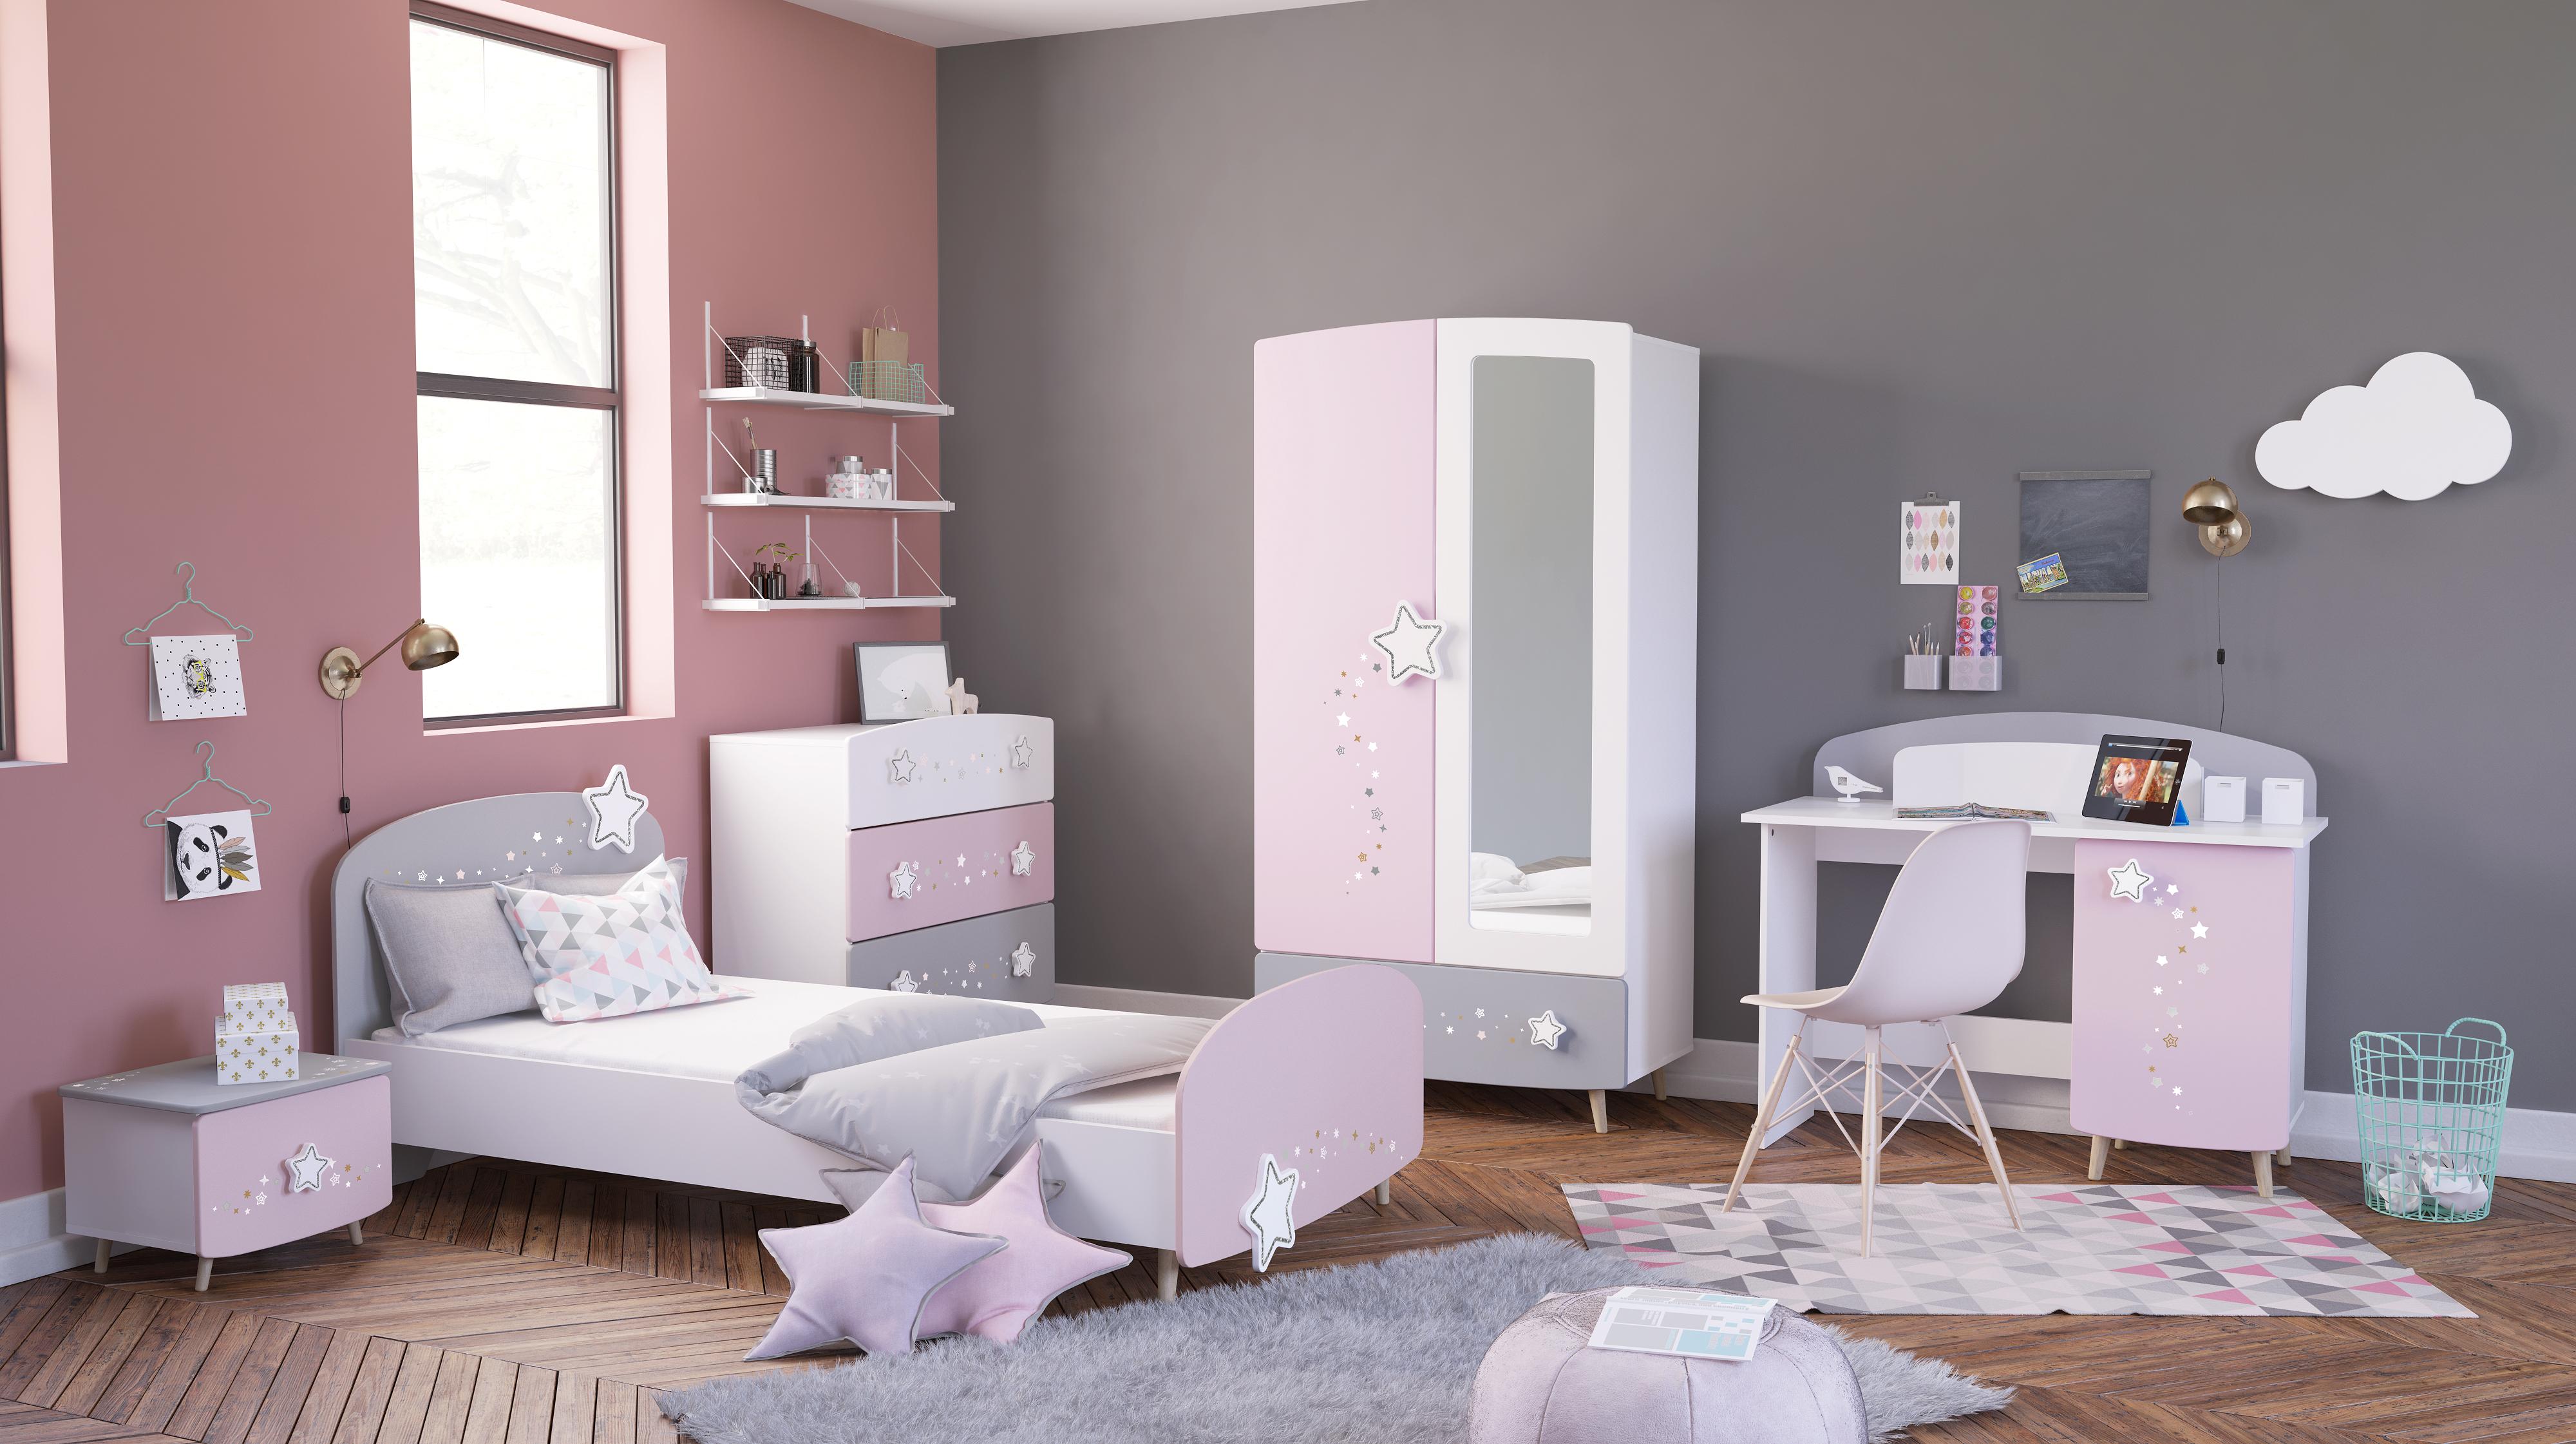 Kinderzimmer 5-tlg. STELLA von Demeyere Weiss matt / Grau / Rosa